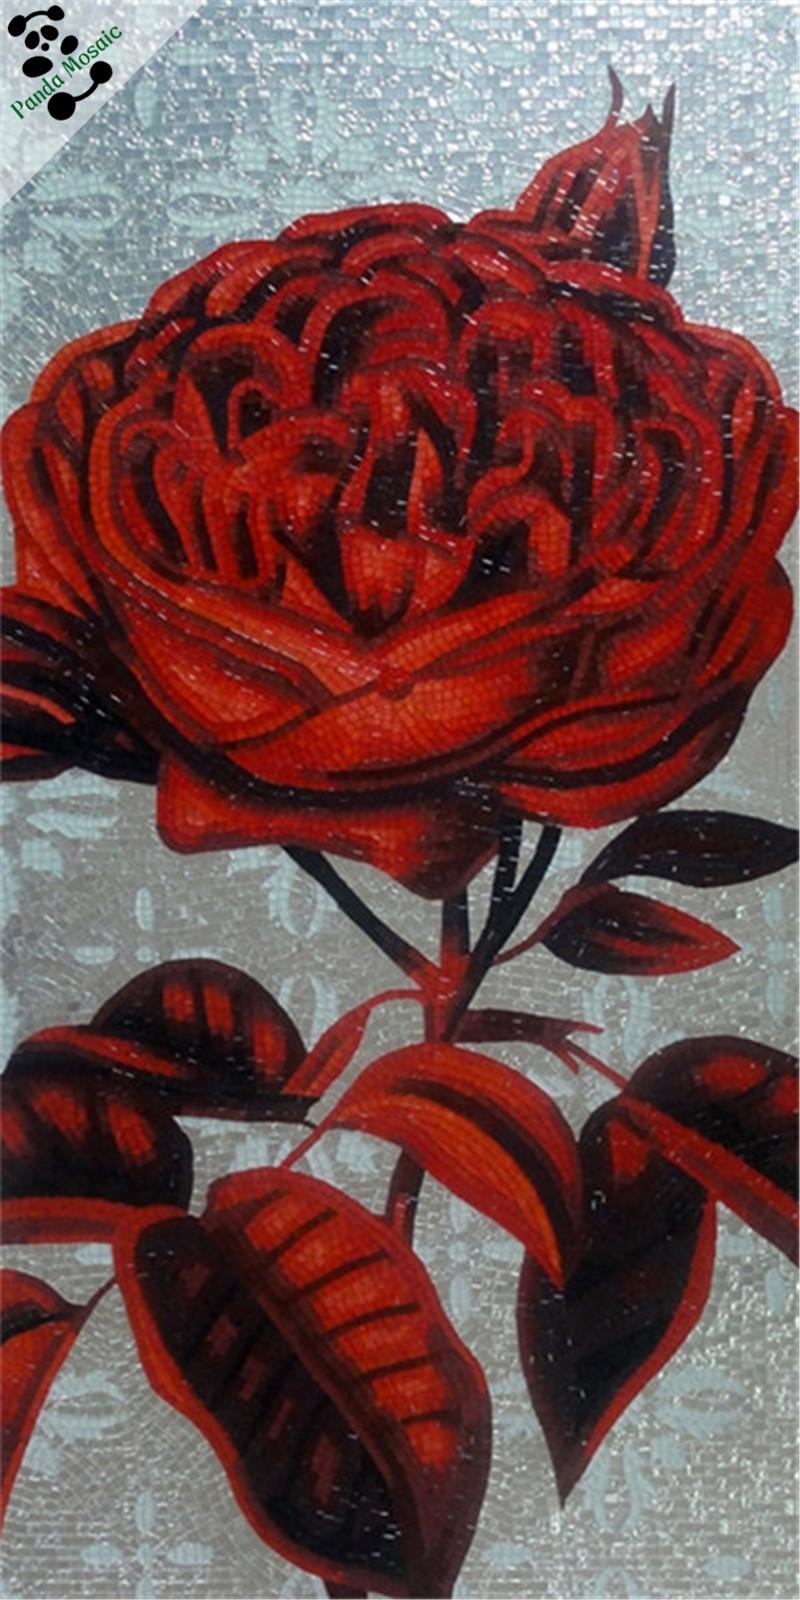 Mb Smm15 B Iç Dekor Cam Boyama El Yapımı çiçek Mozaik Duvar Resimleri Kırmızı Gül Backsplash çini Mozaik Karo Resmi Buy Mozaik Karo Resmikırmızı